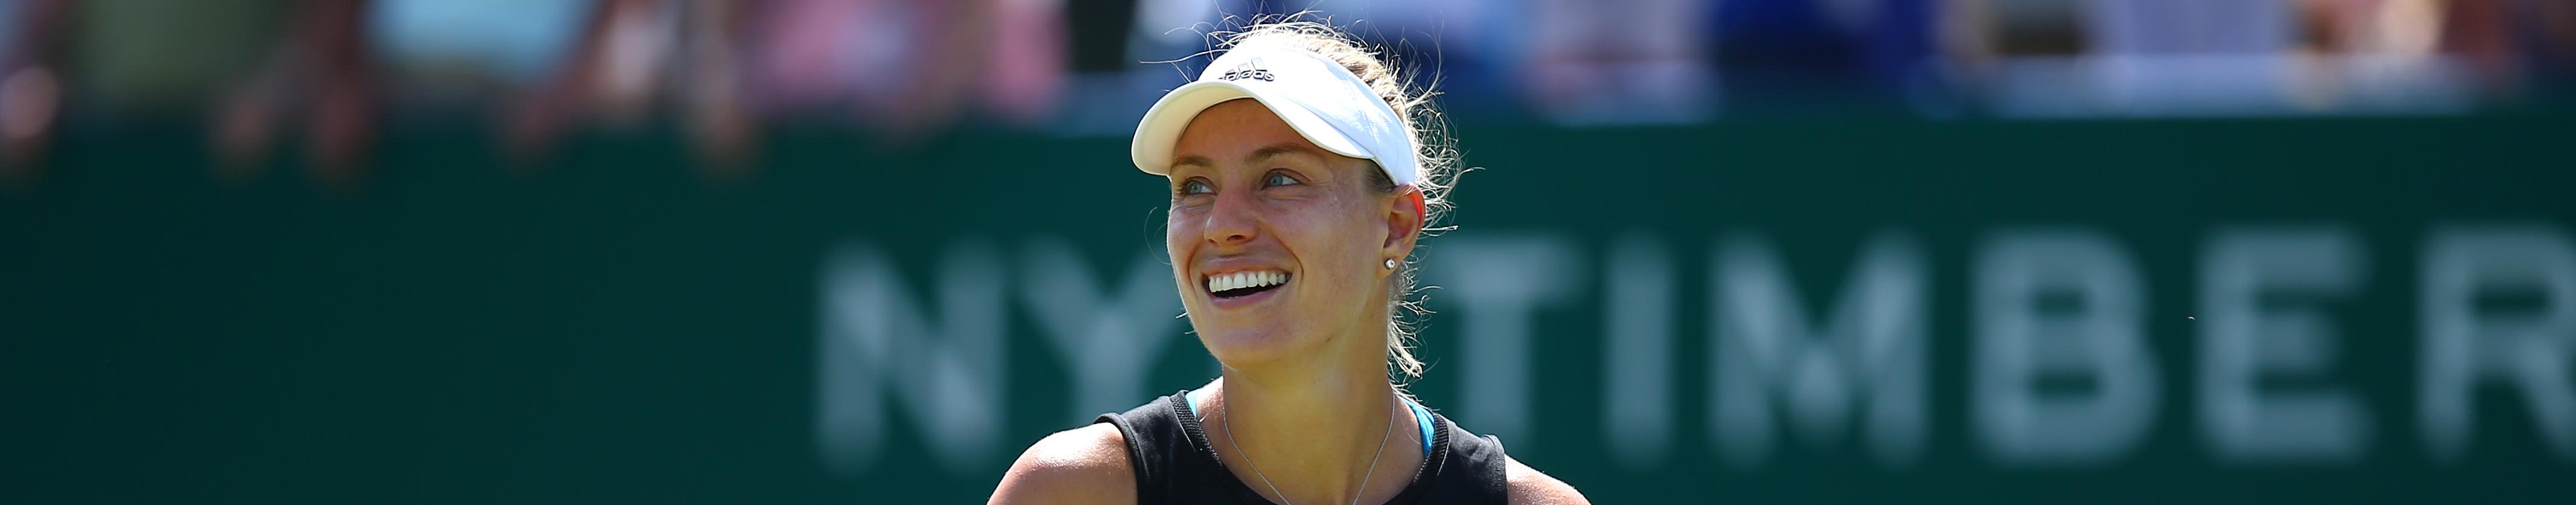 Road to Wimbledon: Kerber e Querrey, giorno da candidature forti